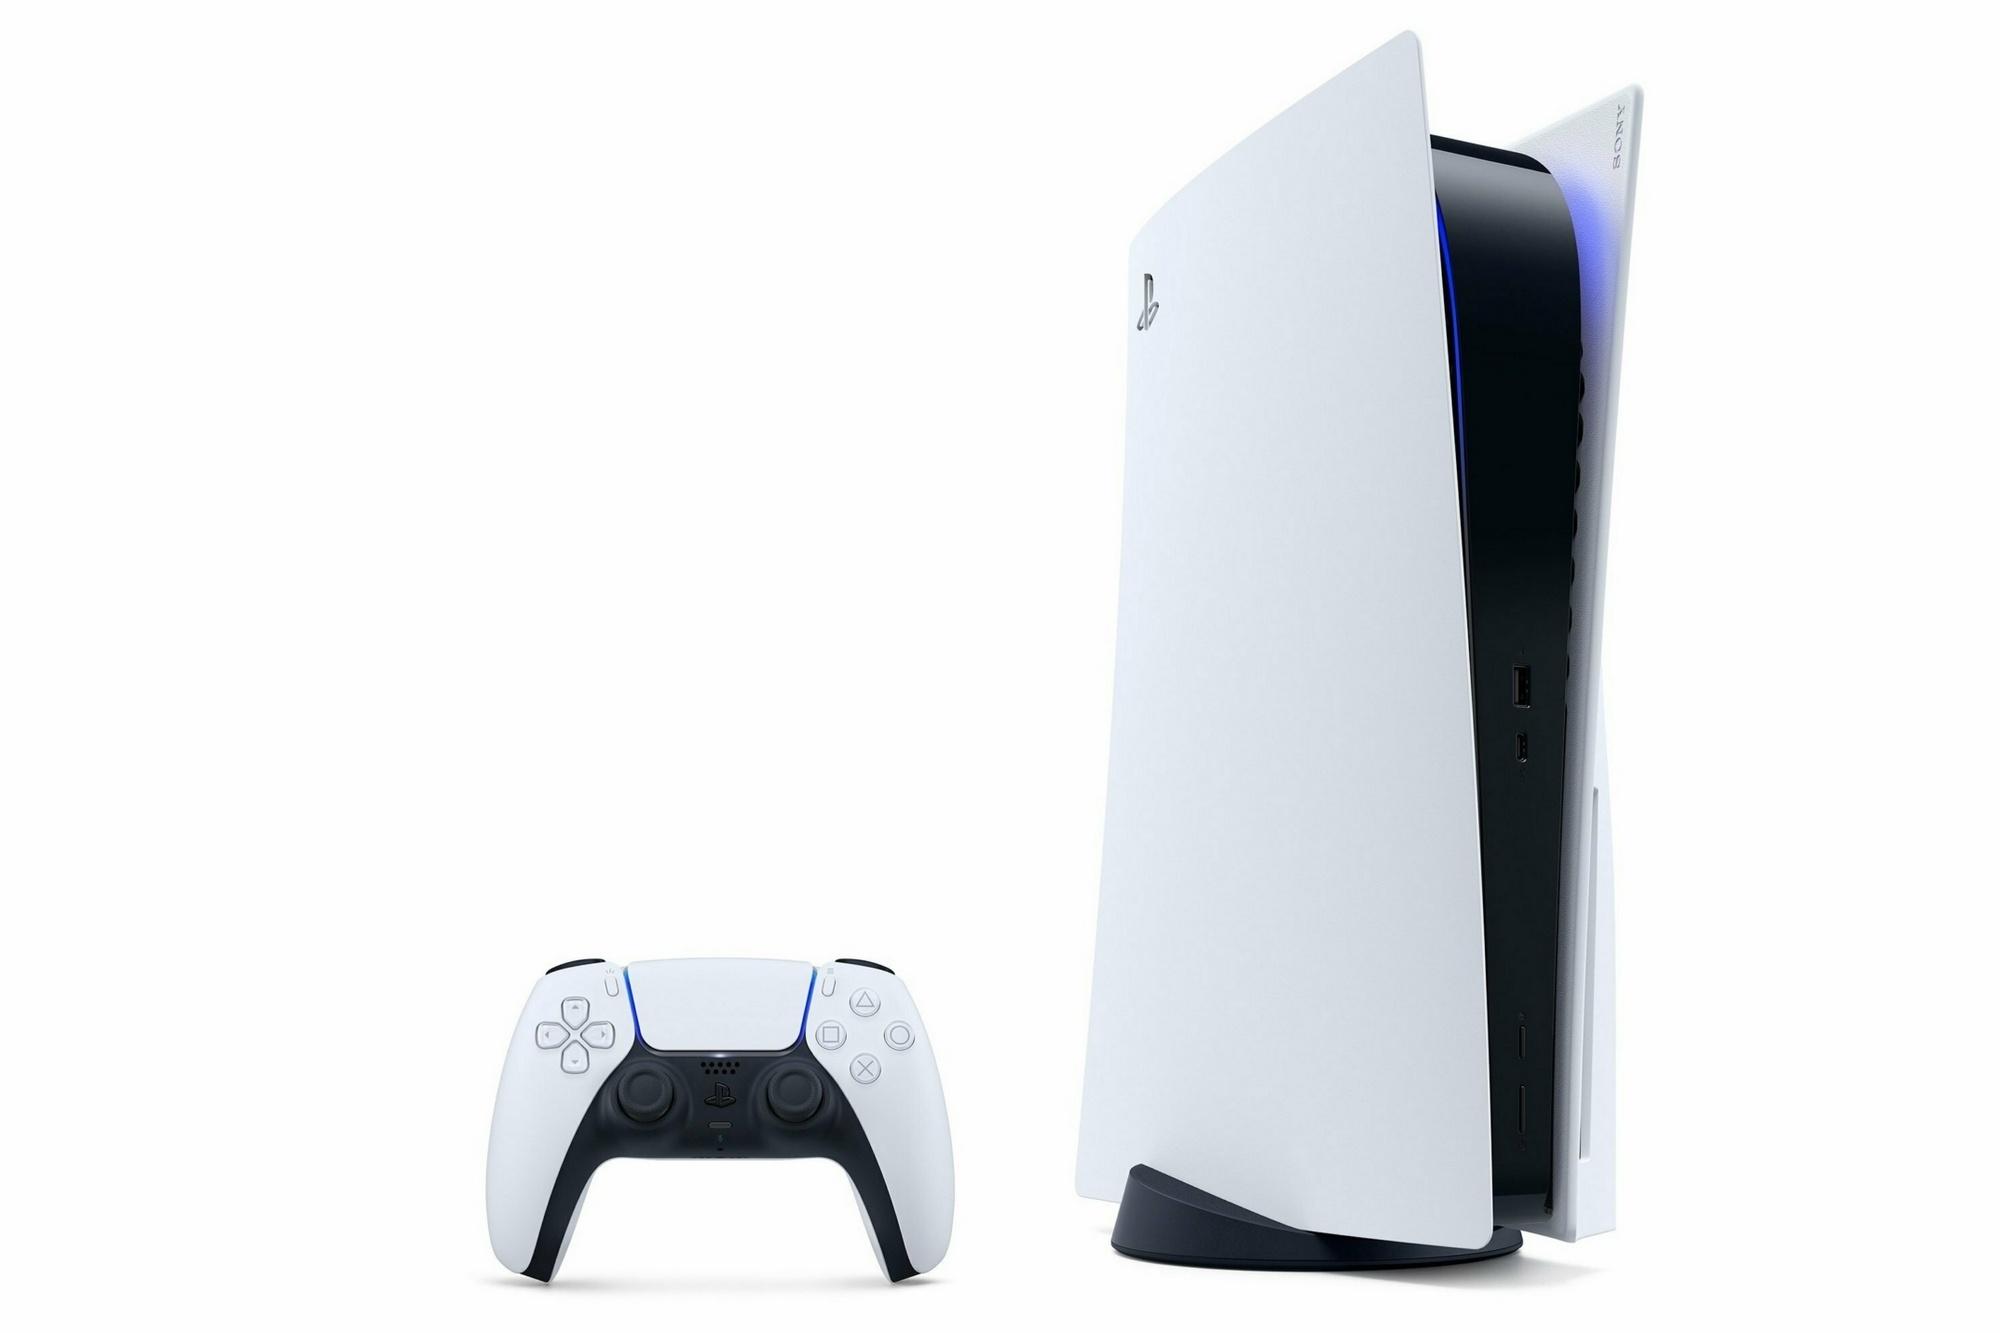 Качество изображения в играх на PlayStation 5 оказалось хуже, чем на Xbox Series X